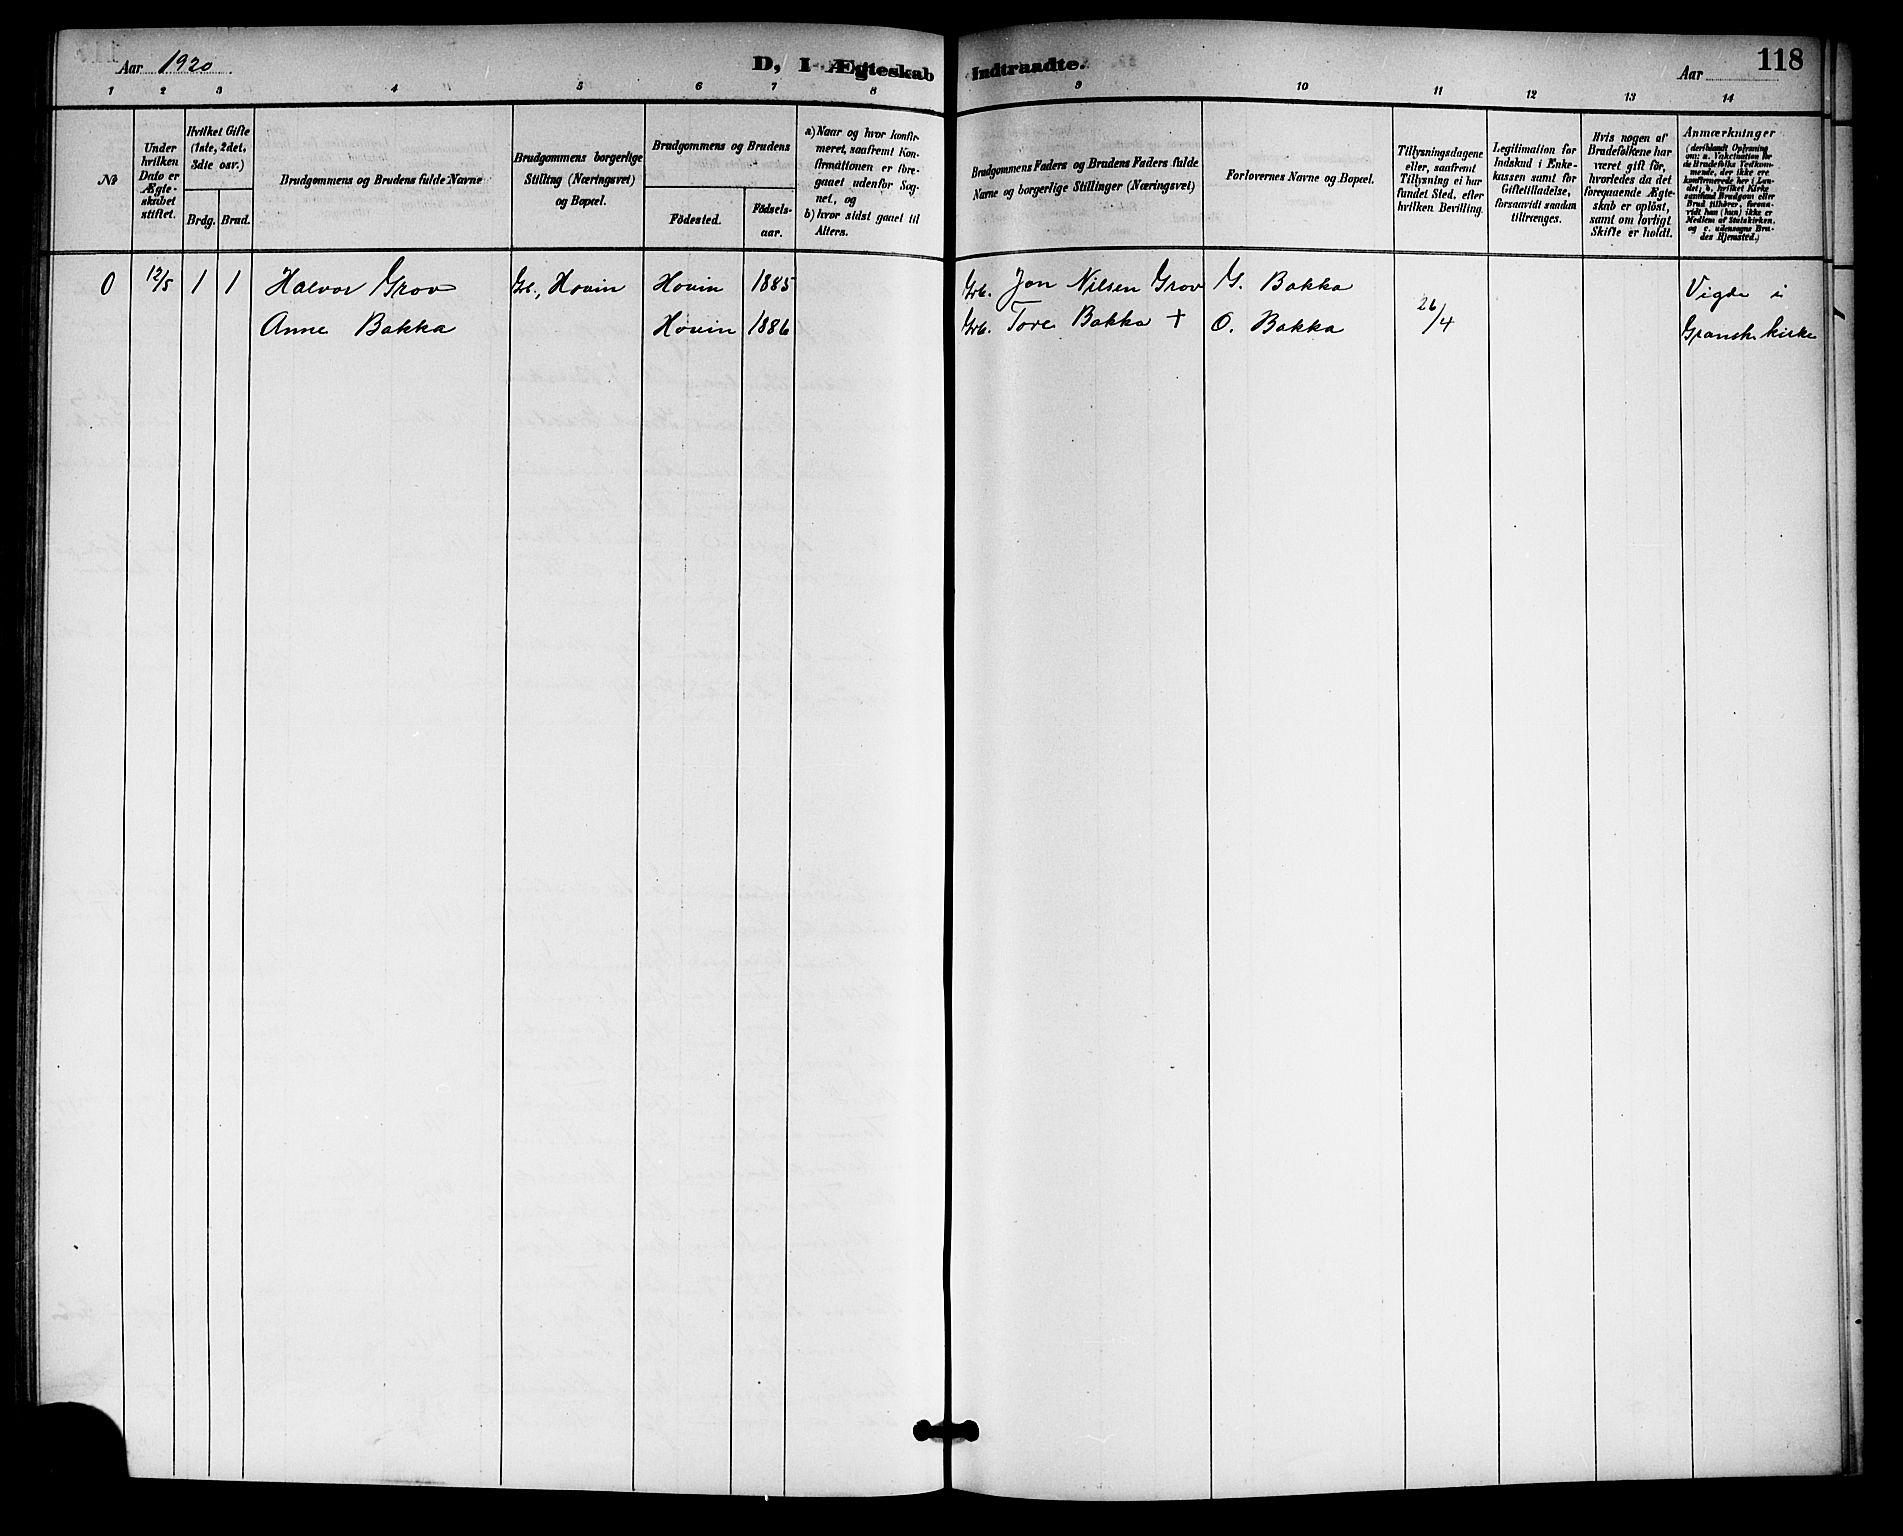 SAKO, Gransherad kirkebøker, G/Gb/L0003: Klokkerbok nr. II 3, 1887-1921, s. 118